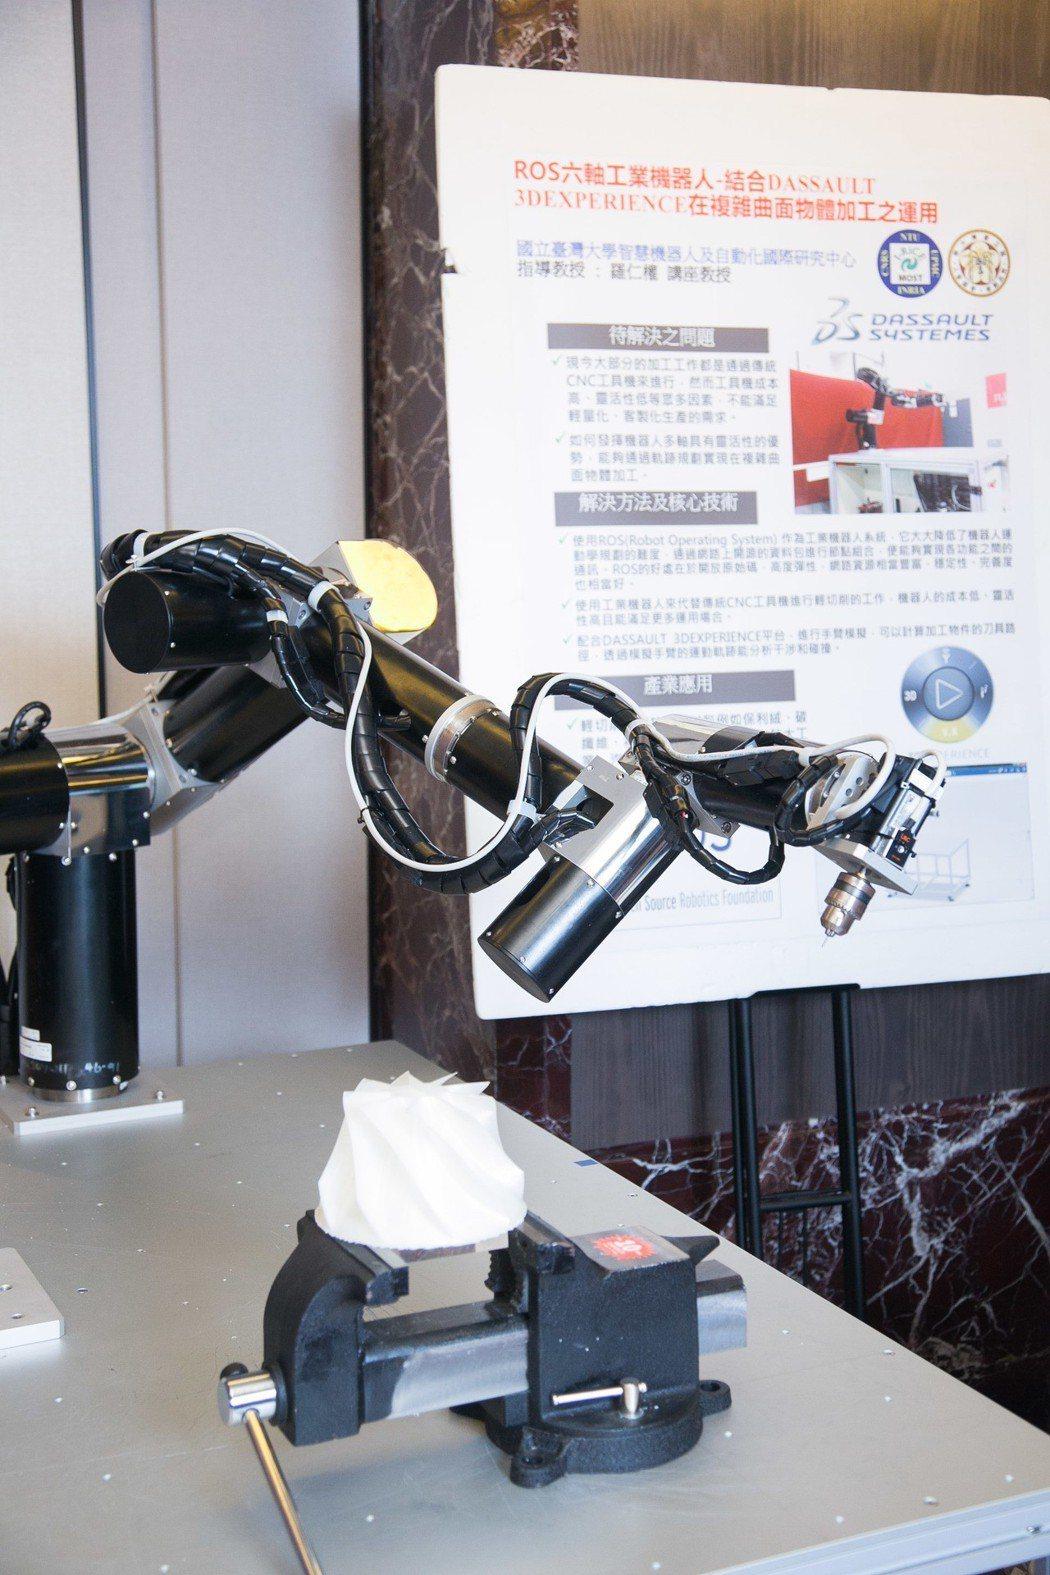 達梭系統3DEXPERIENCE平台可進行機械手臂模擬與分析。 達梭系統/提供